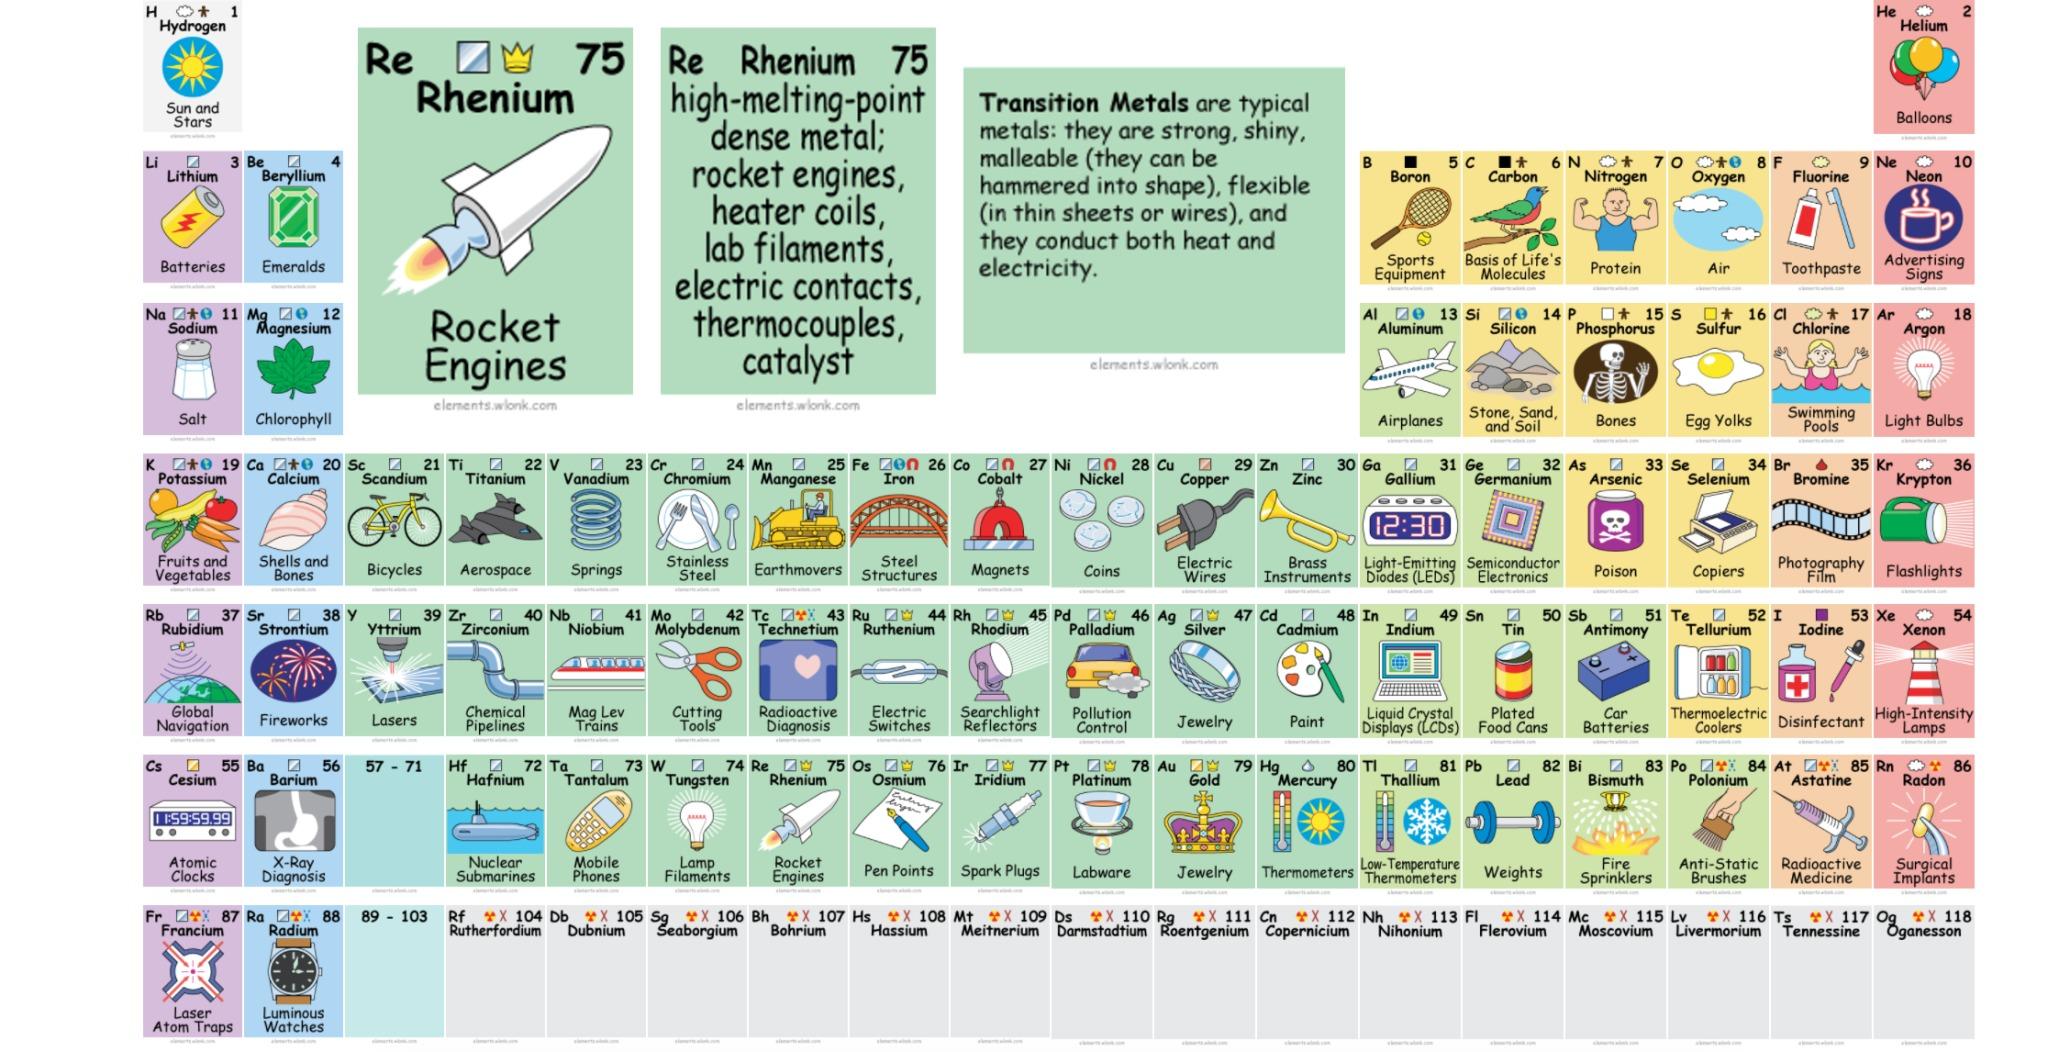 La tavola periodica come non l 39 avete mai vista - Tavola periodica in inglese ...